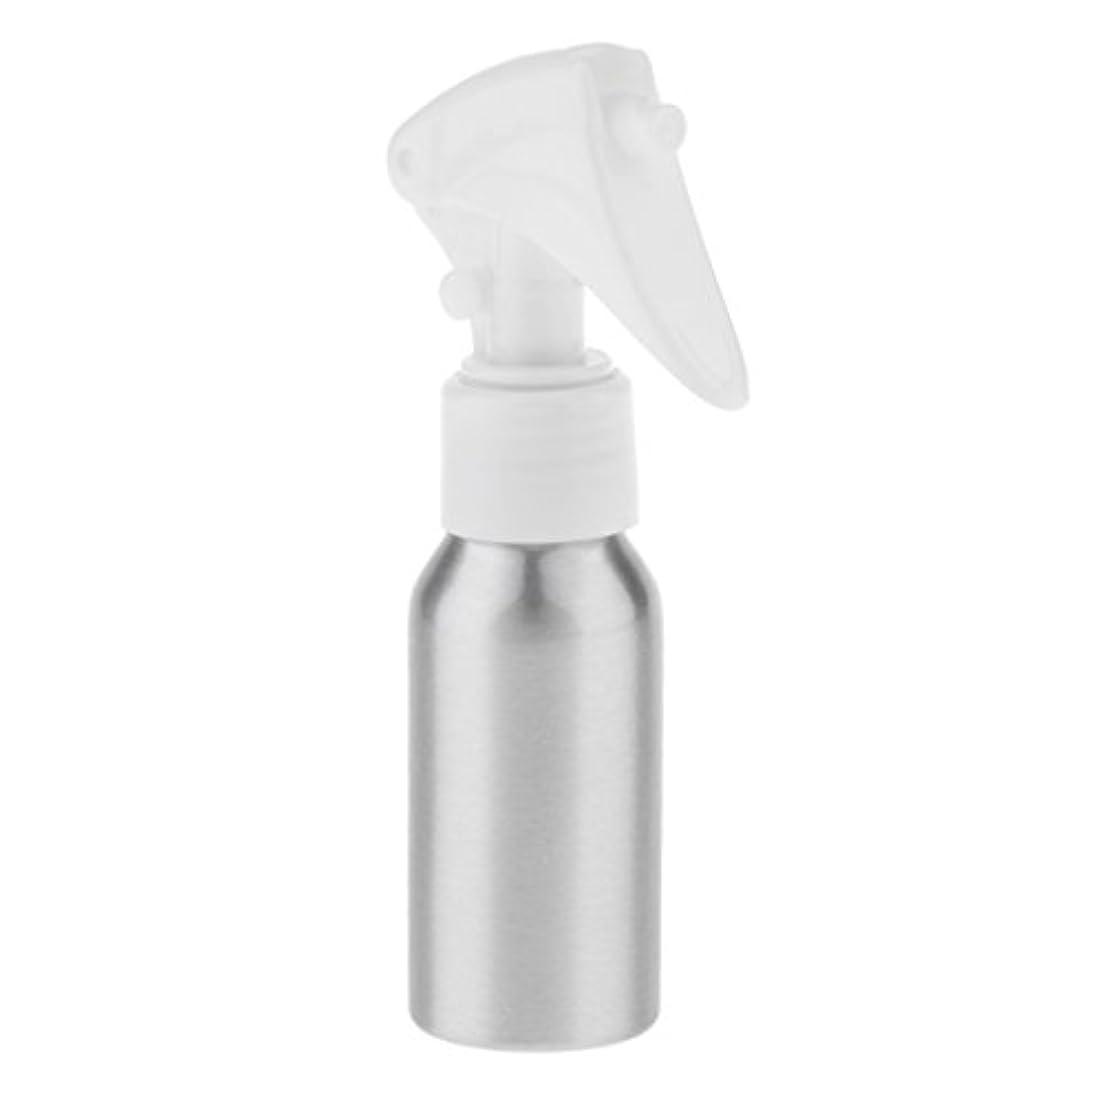 ぼかすロールクレータースプレーボトル ポンプボトル 水スプレー 噴霧器 調合用水 ヘアーサロン 家庭用 植物 6サイズ選択 - 50ML